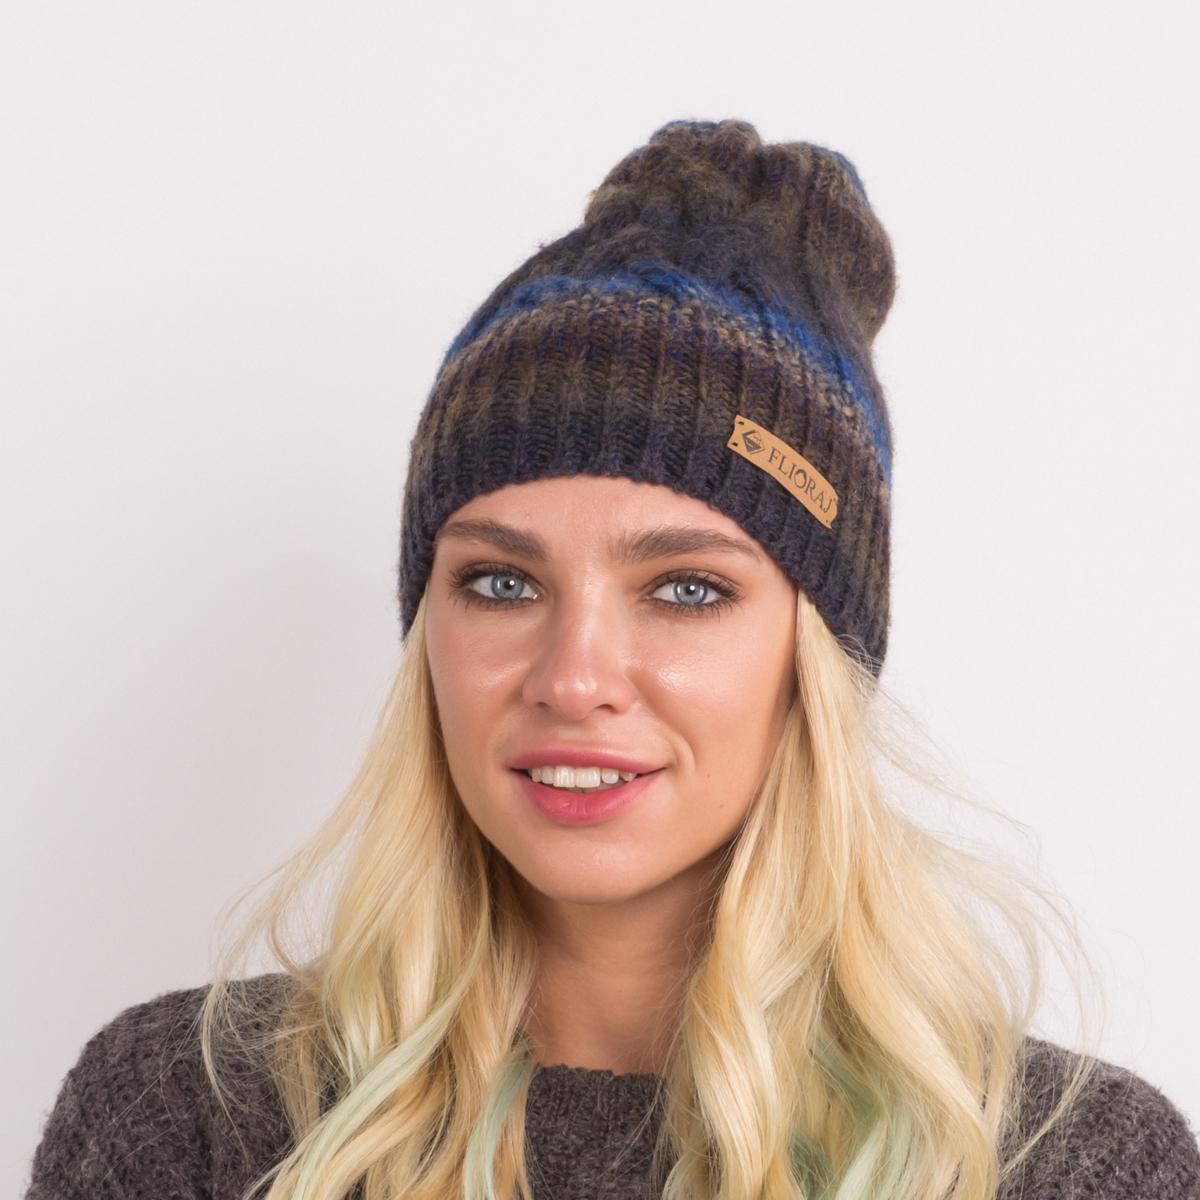 Шапка женская Flioraj, цвет: серый, синий. 010-18FJ. Размер 56/58010-18FJСтильная теплая шапка от Flioraj, связанная из овечьей шерсти и шерсти горной альпаки, отлично согреет в холодную погоду. Состав пряжи делает изделие мягким, теплым и комфортным. Модель оригинальной смесовой расцветки выполнена рельефной вязкой косы и украшена нашивкой из натуральной кожи.